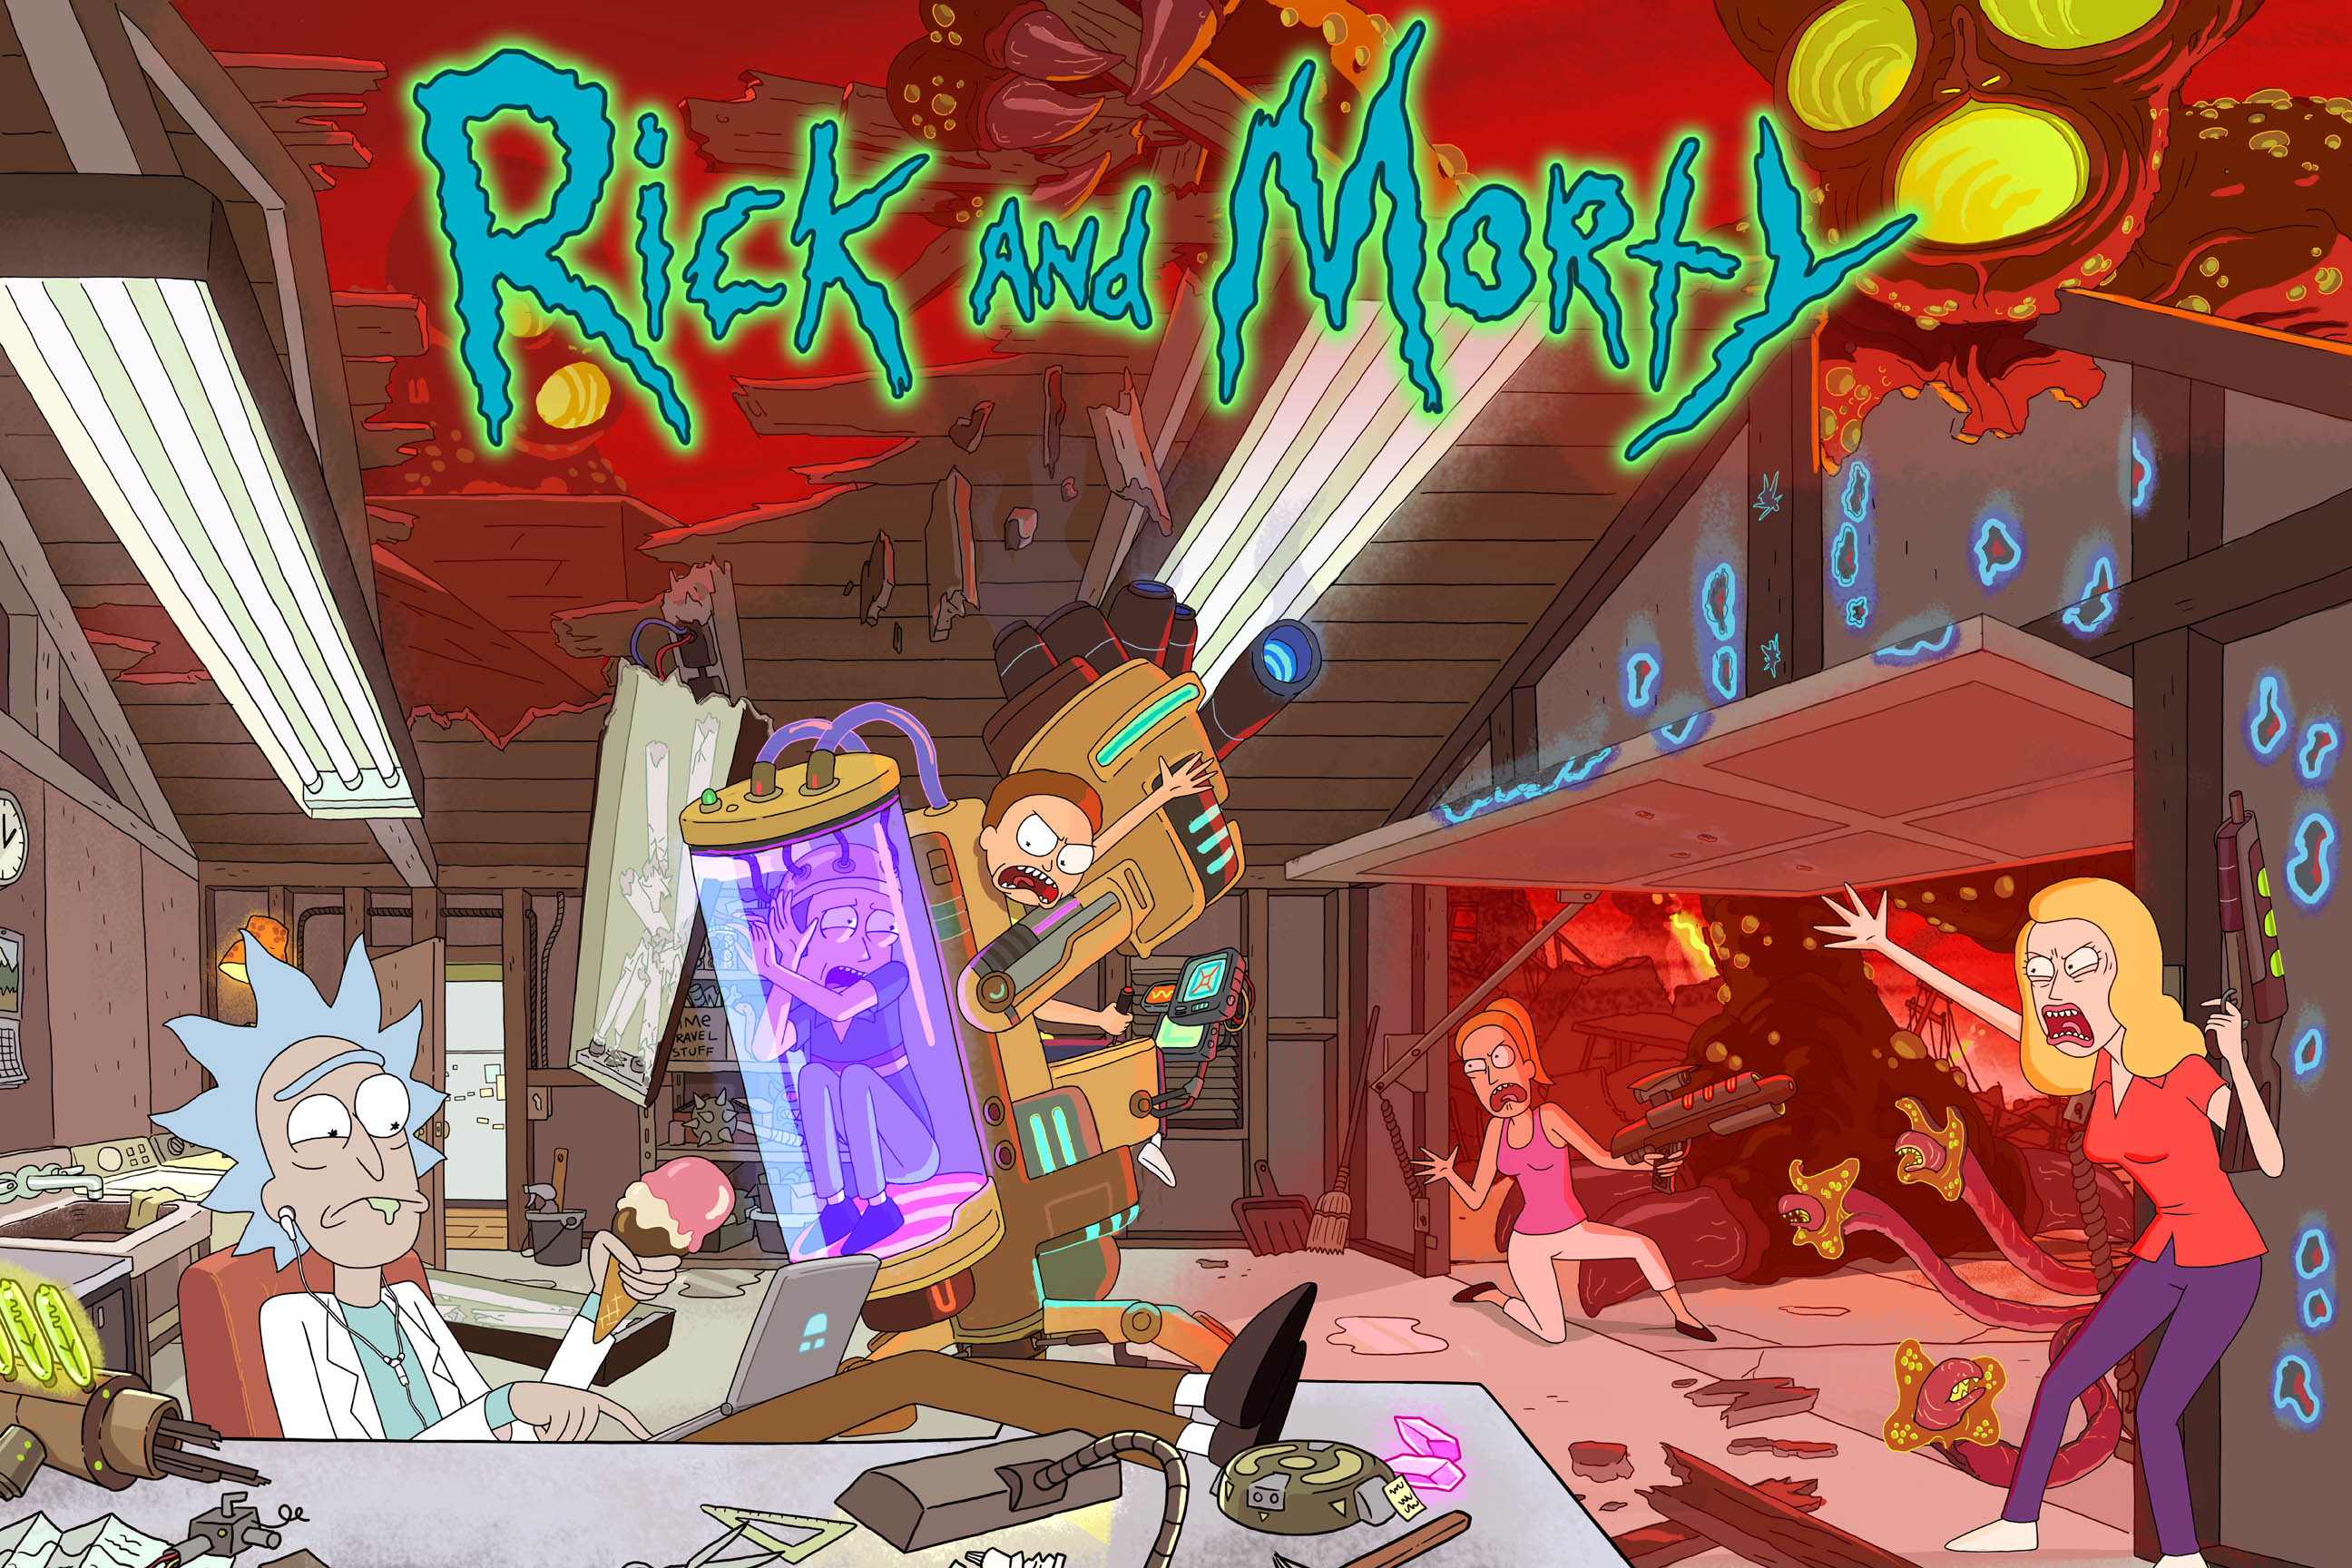 Des Fonds Dcrans Rick And Morty Pour Vos PC Et Tlphone